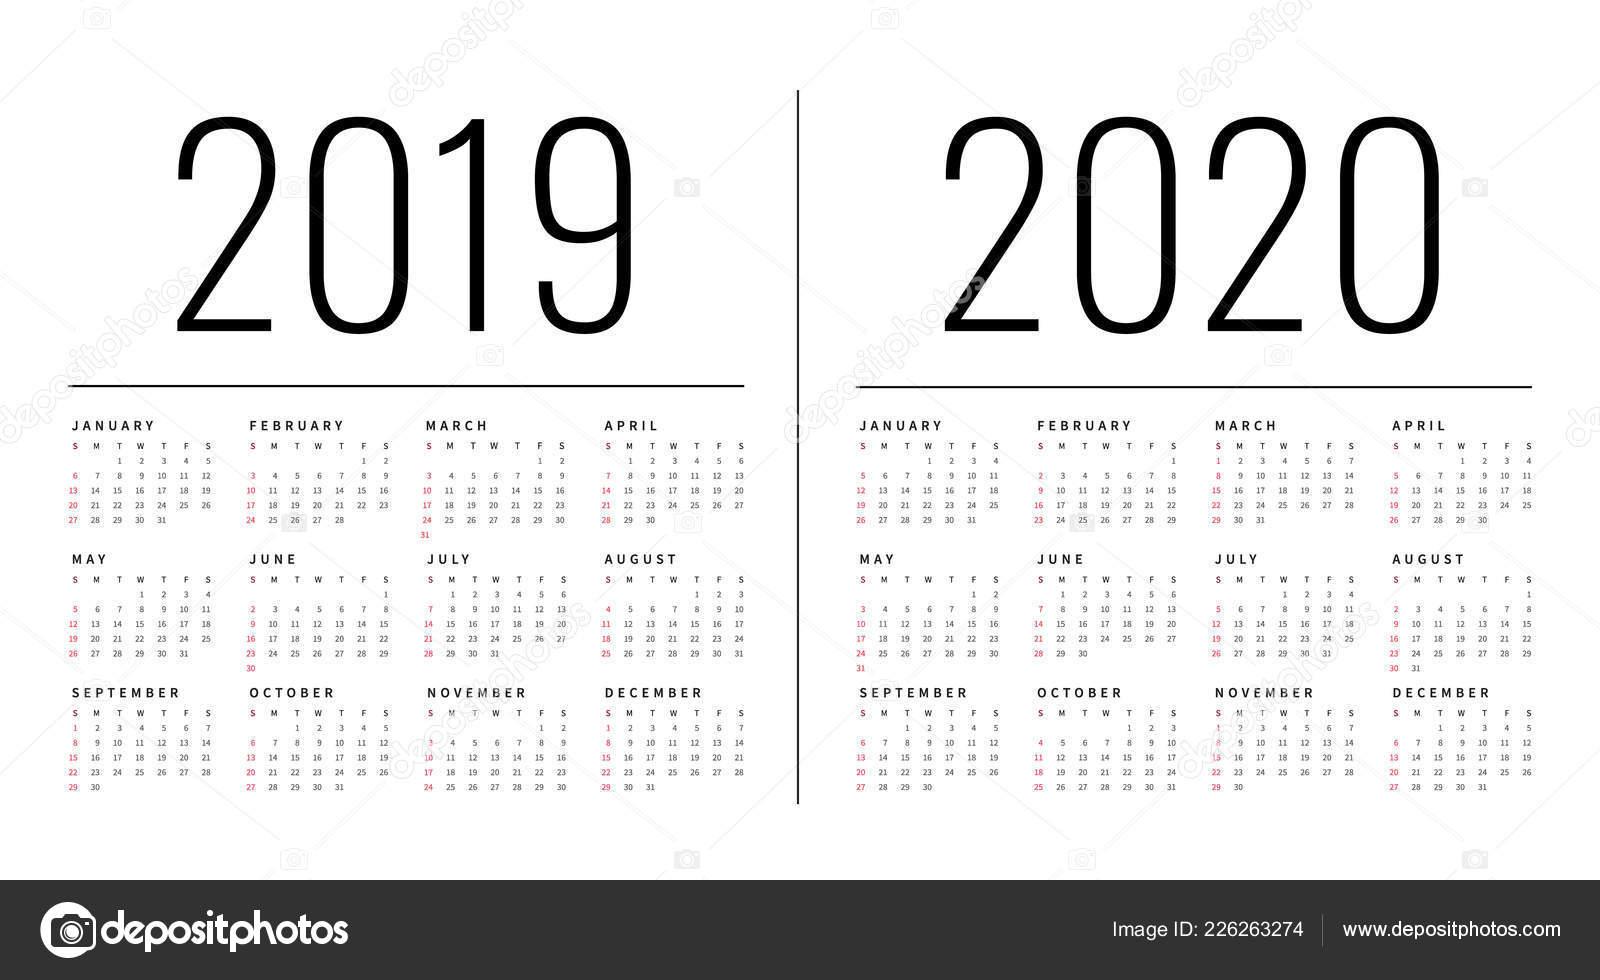 Mockup Simple Calendar Layout 2019 2020 Years Week Starts